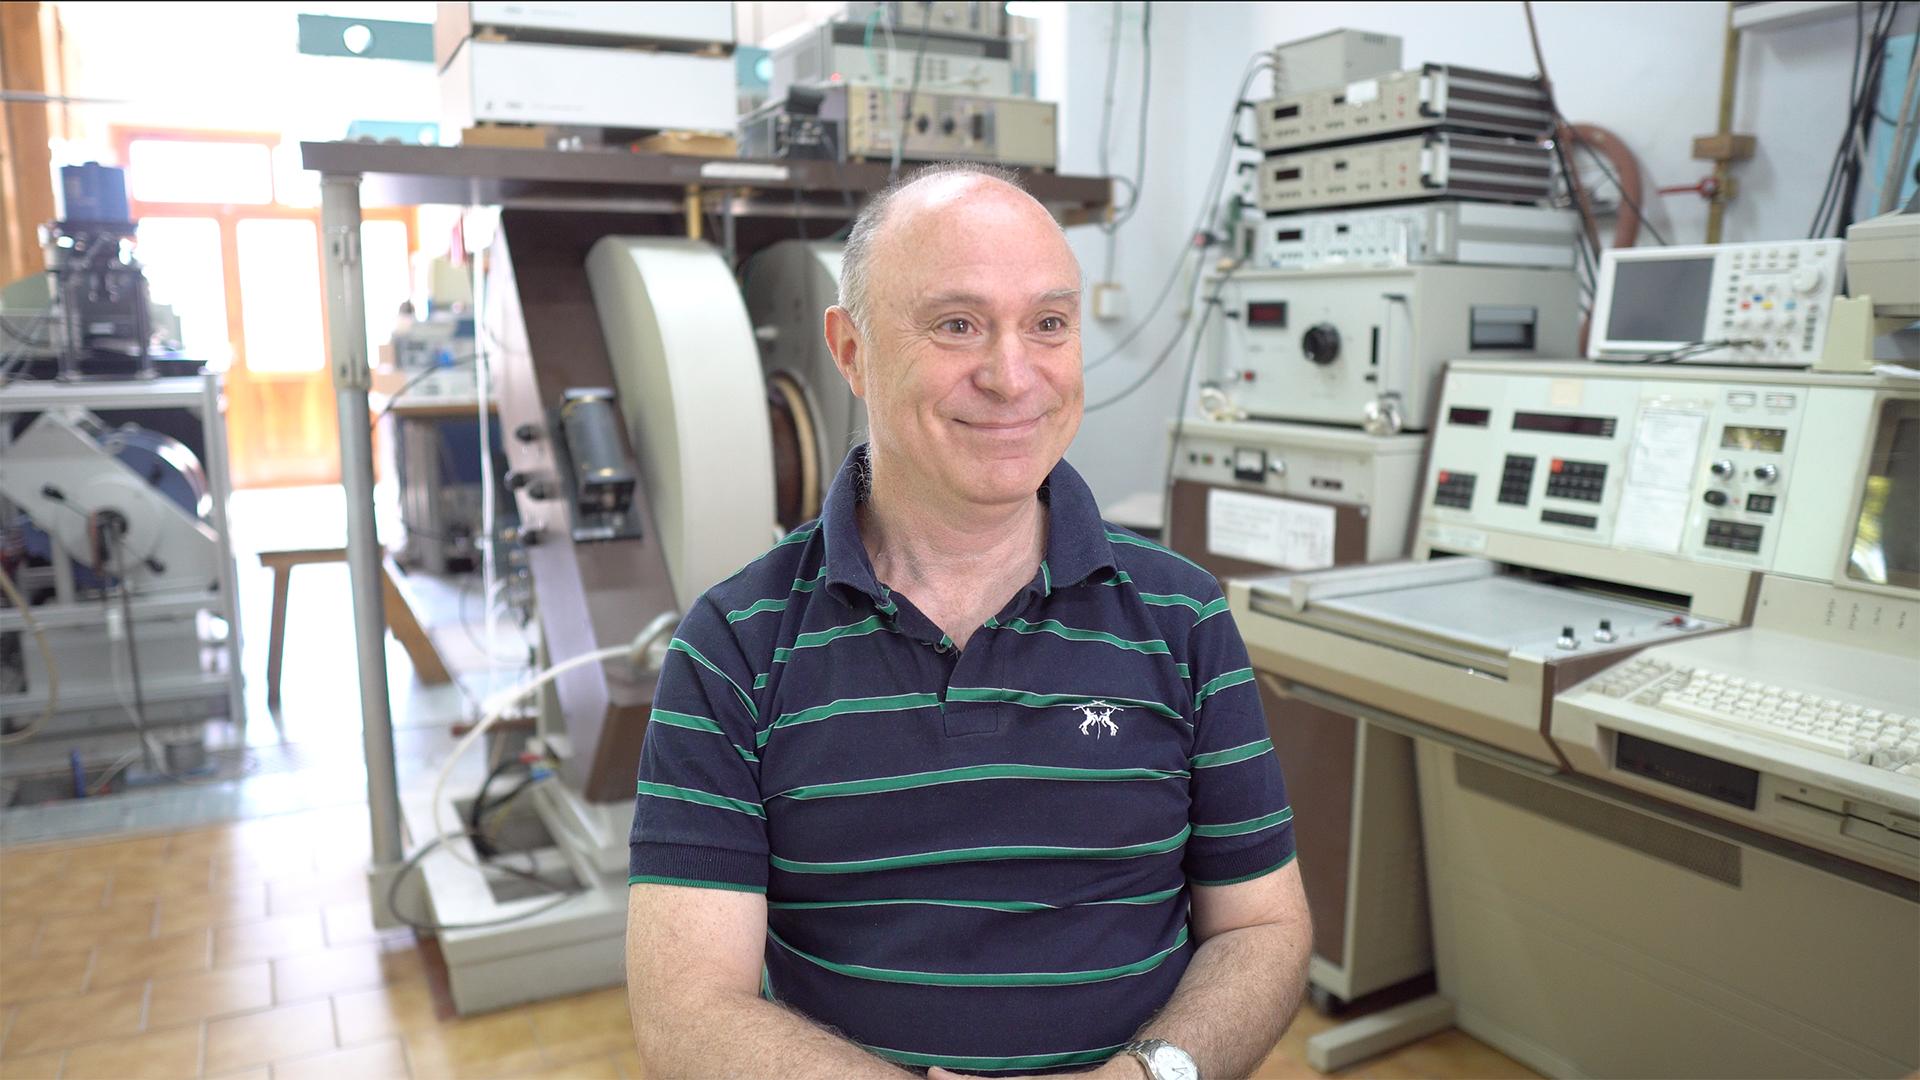 Roberto Zysler es doctor en física y coordina en la Comisión Nacional de Energía Atómica (CNEA) y el Instituto Balseiro (IB) un novedoso desarrollo con nanopartículas magnéticas que tiene como objetivo la búsqueda de una alternativa a la cirugía tradicional para el desprendimiento de retina